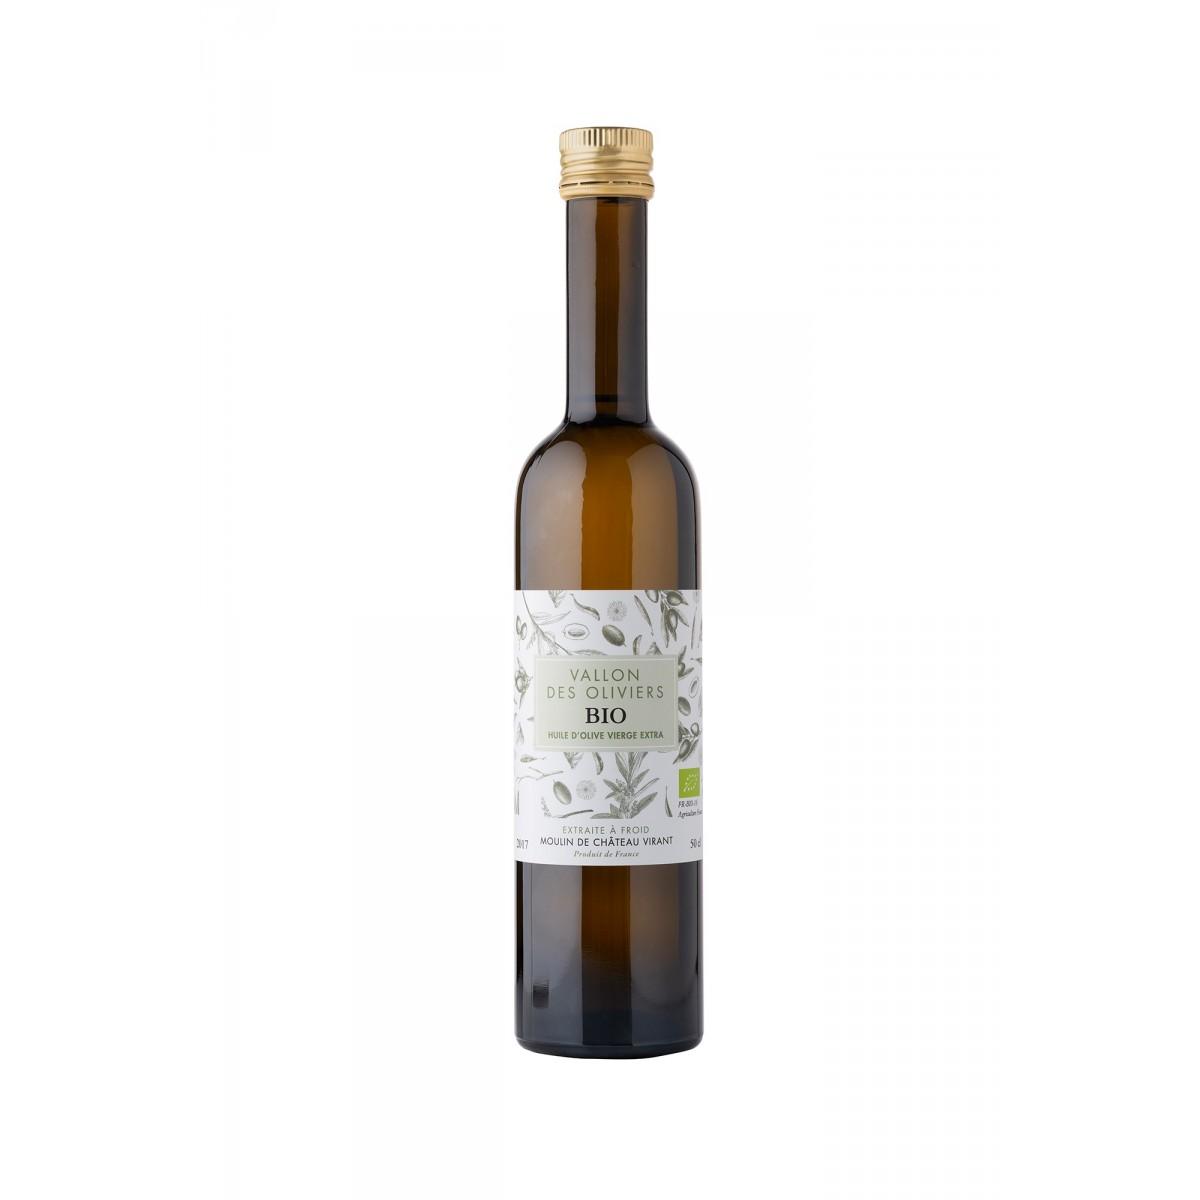 Vallon des Oliviers -luomuoliiviöljy, Chateau Virant, 500 ml